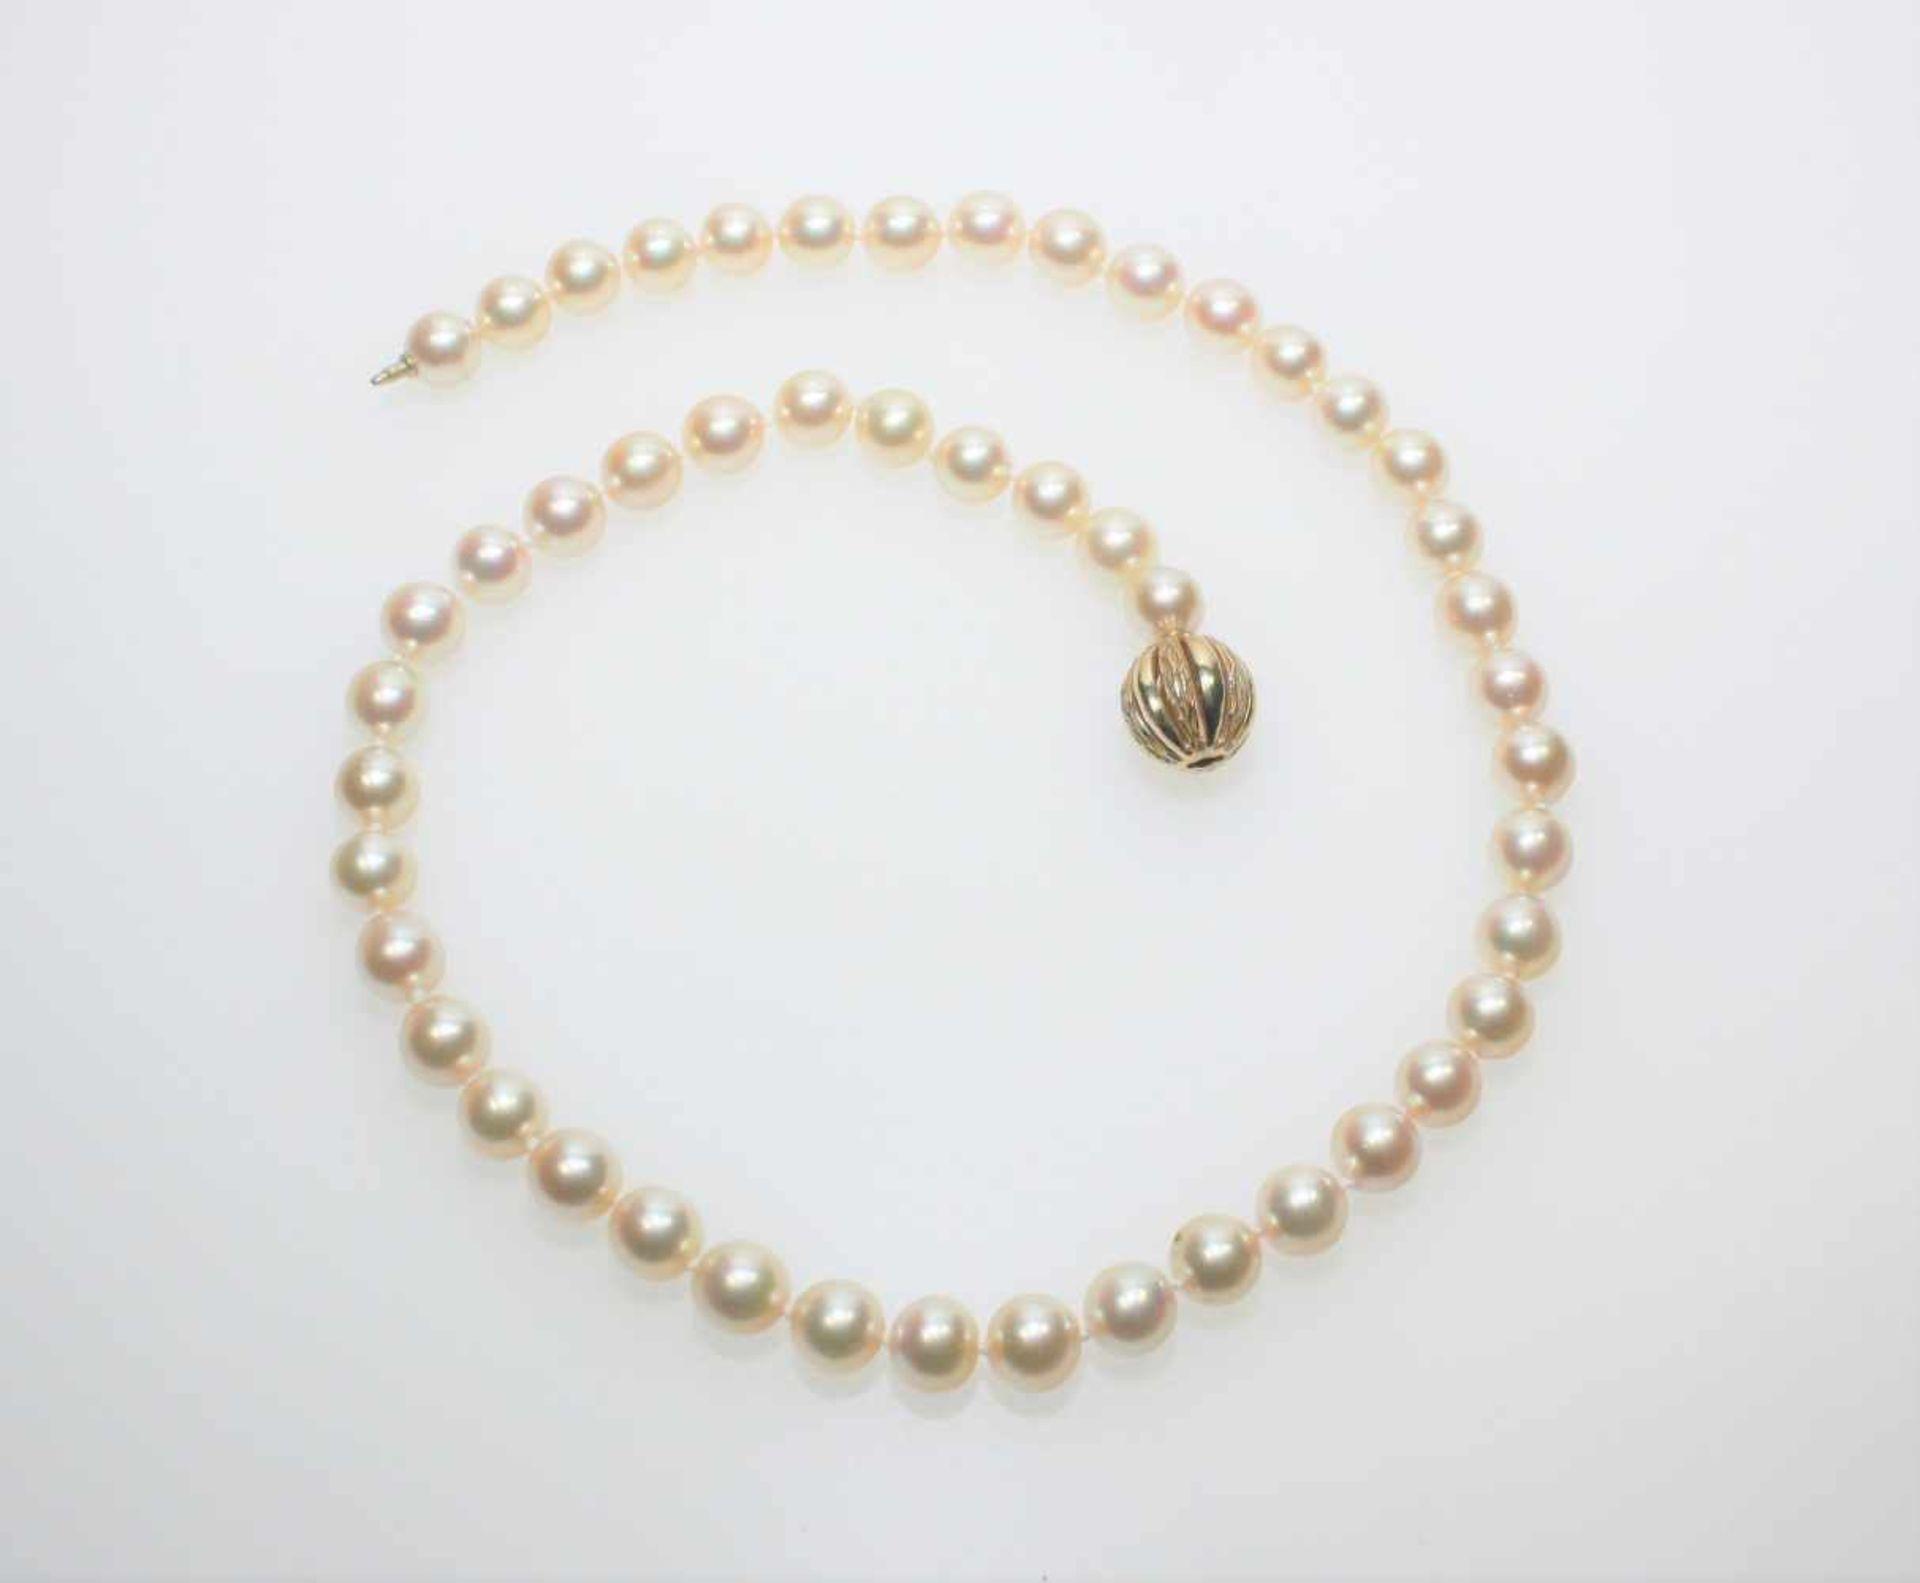 Los 57 - Feine Zuchtperlenkette Choker, Durchm.ca. 7,7 mm leicht goldfarbig, Perlen in feinem Lüster, goldene